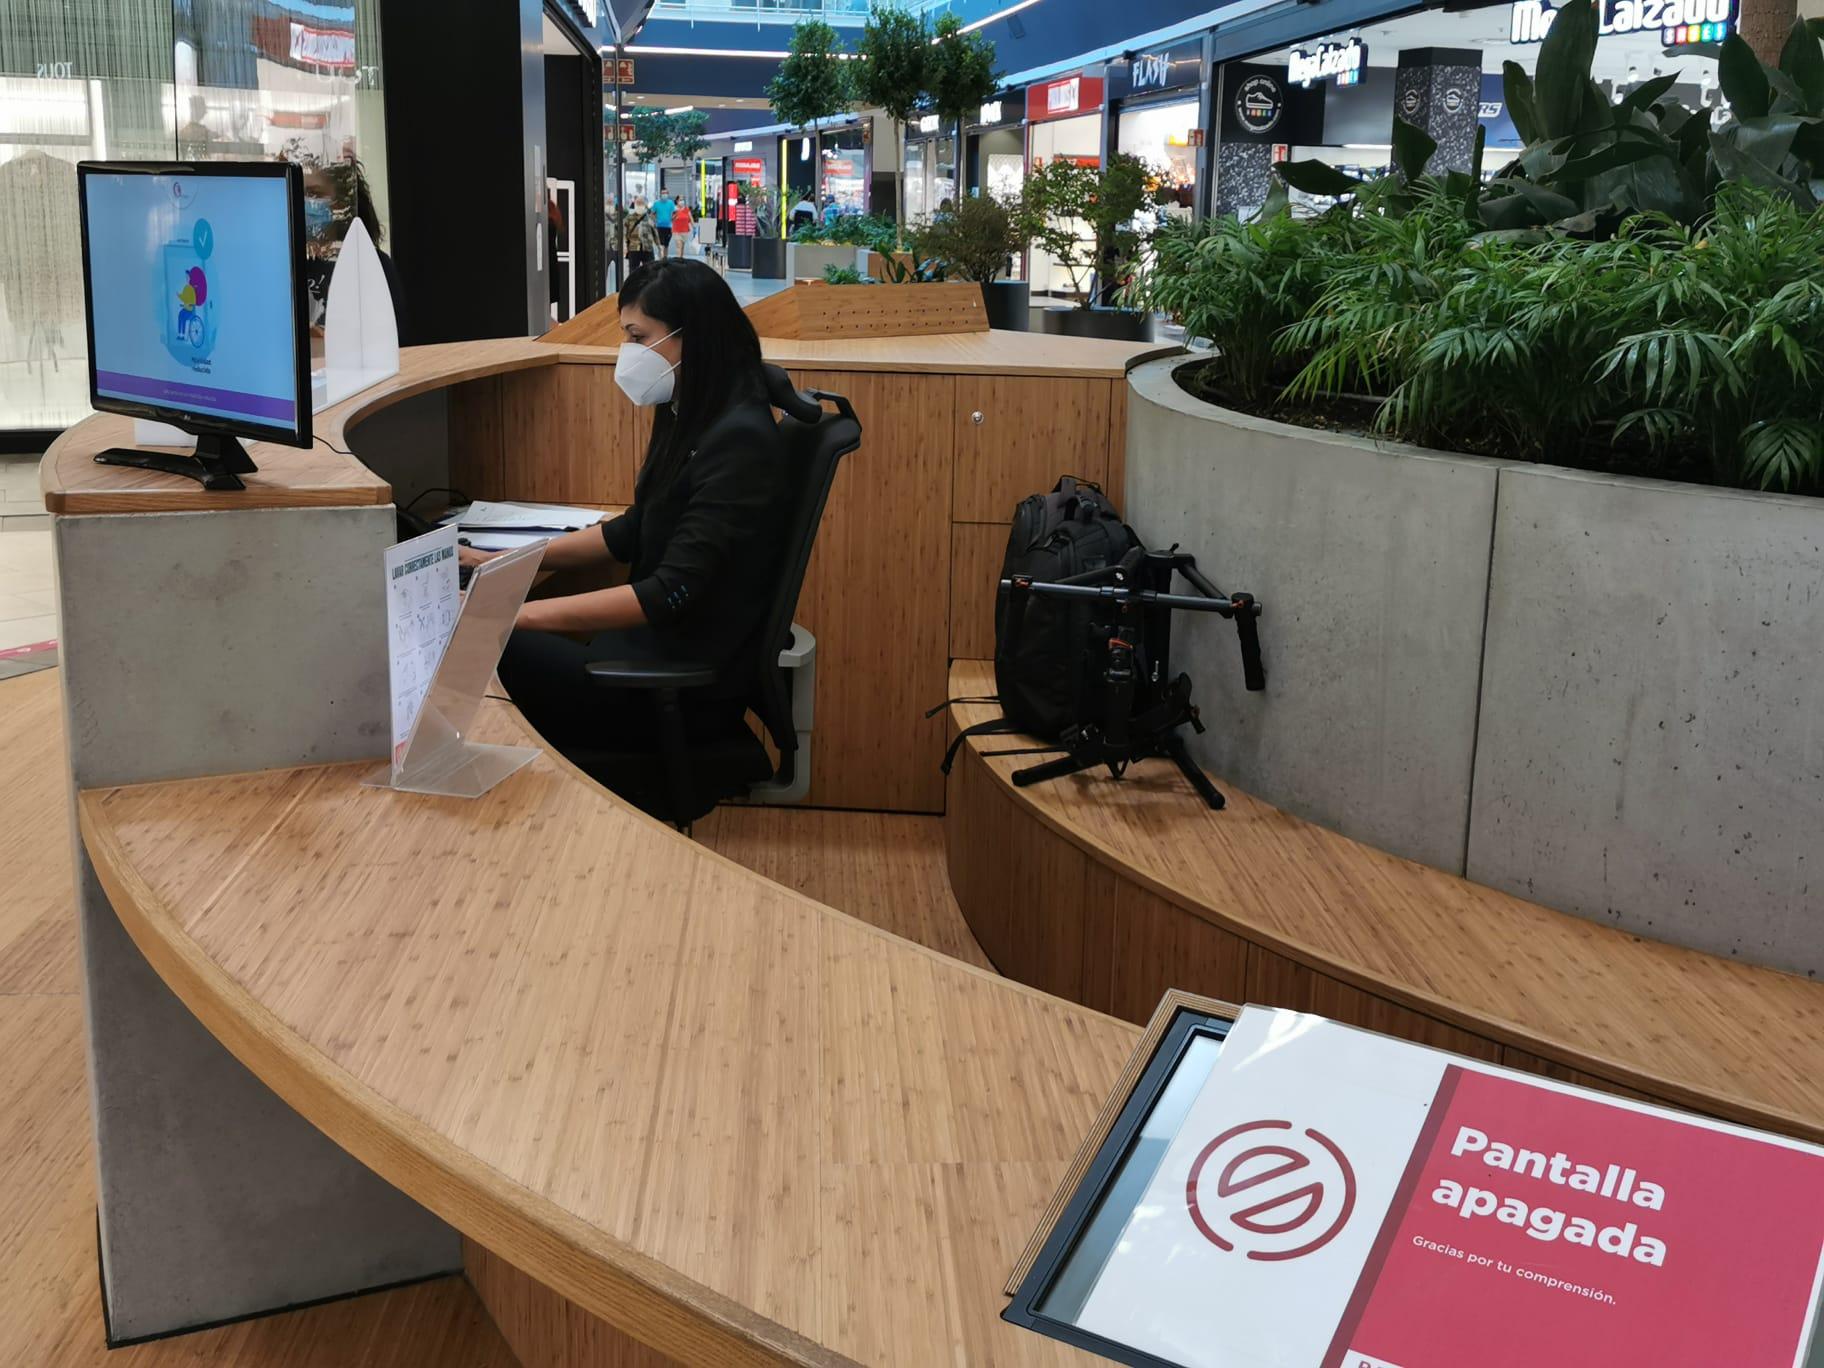 El Centro Comercial el Rosal abre con estrictas medidas de seguridad y control para la seguridad de los clientes y trabajadores 4